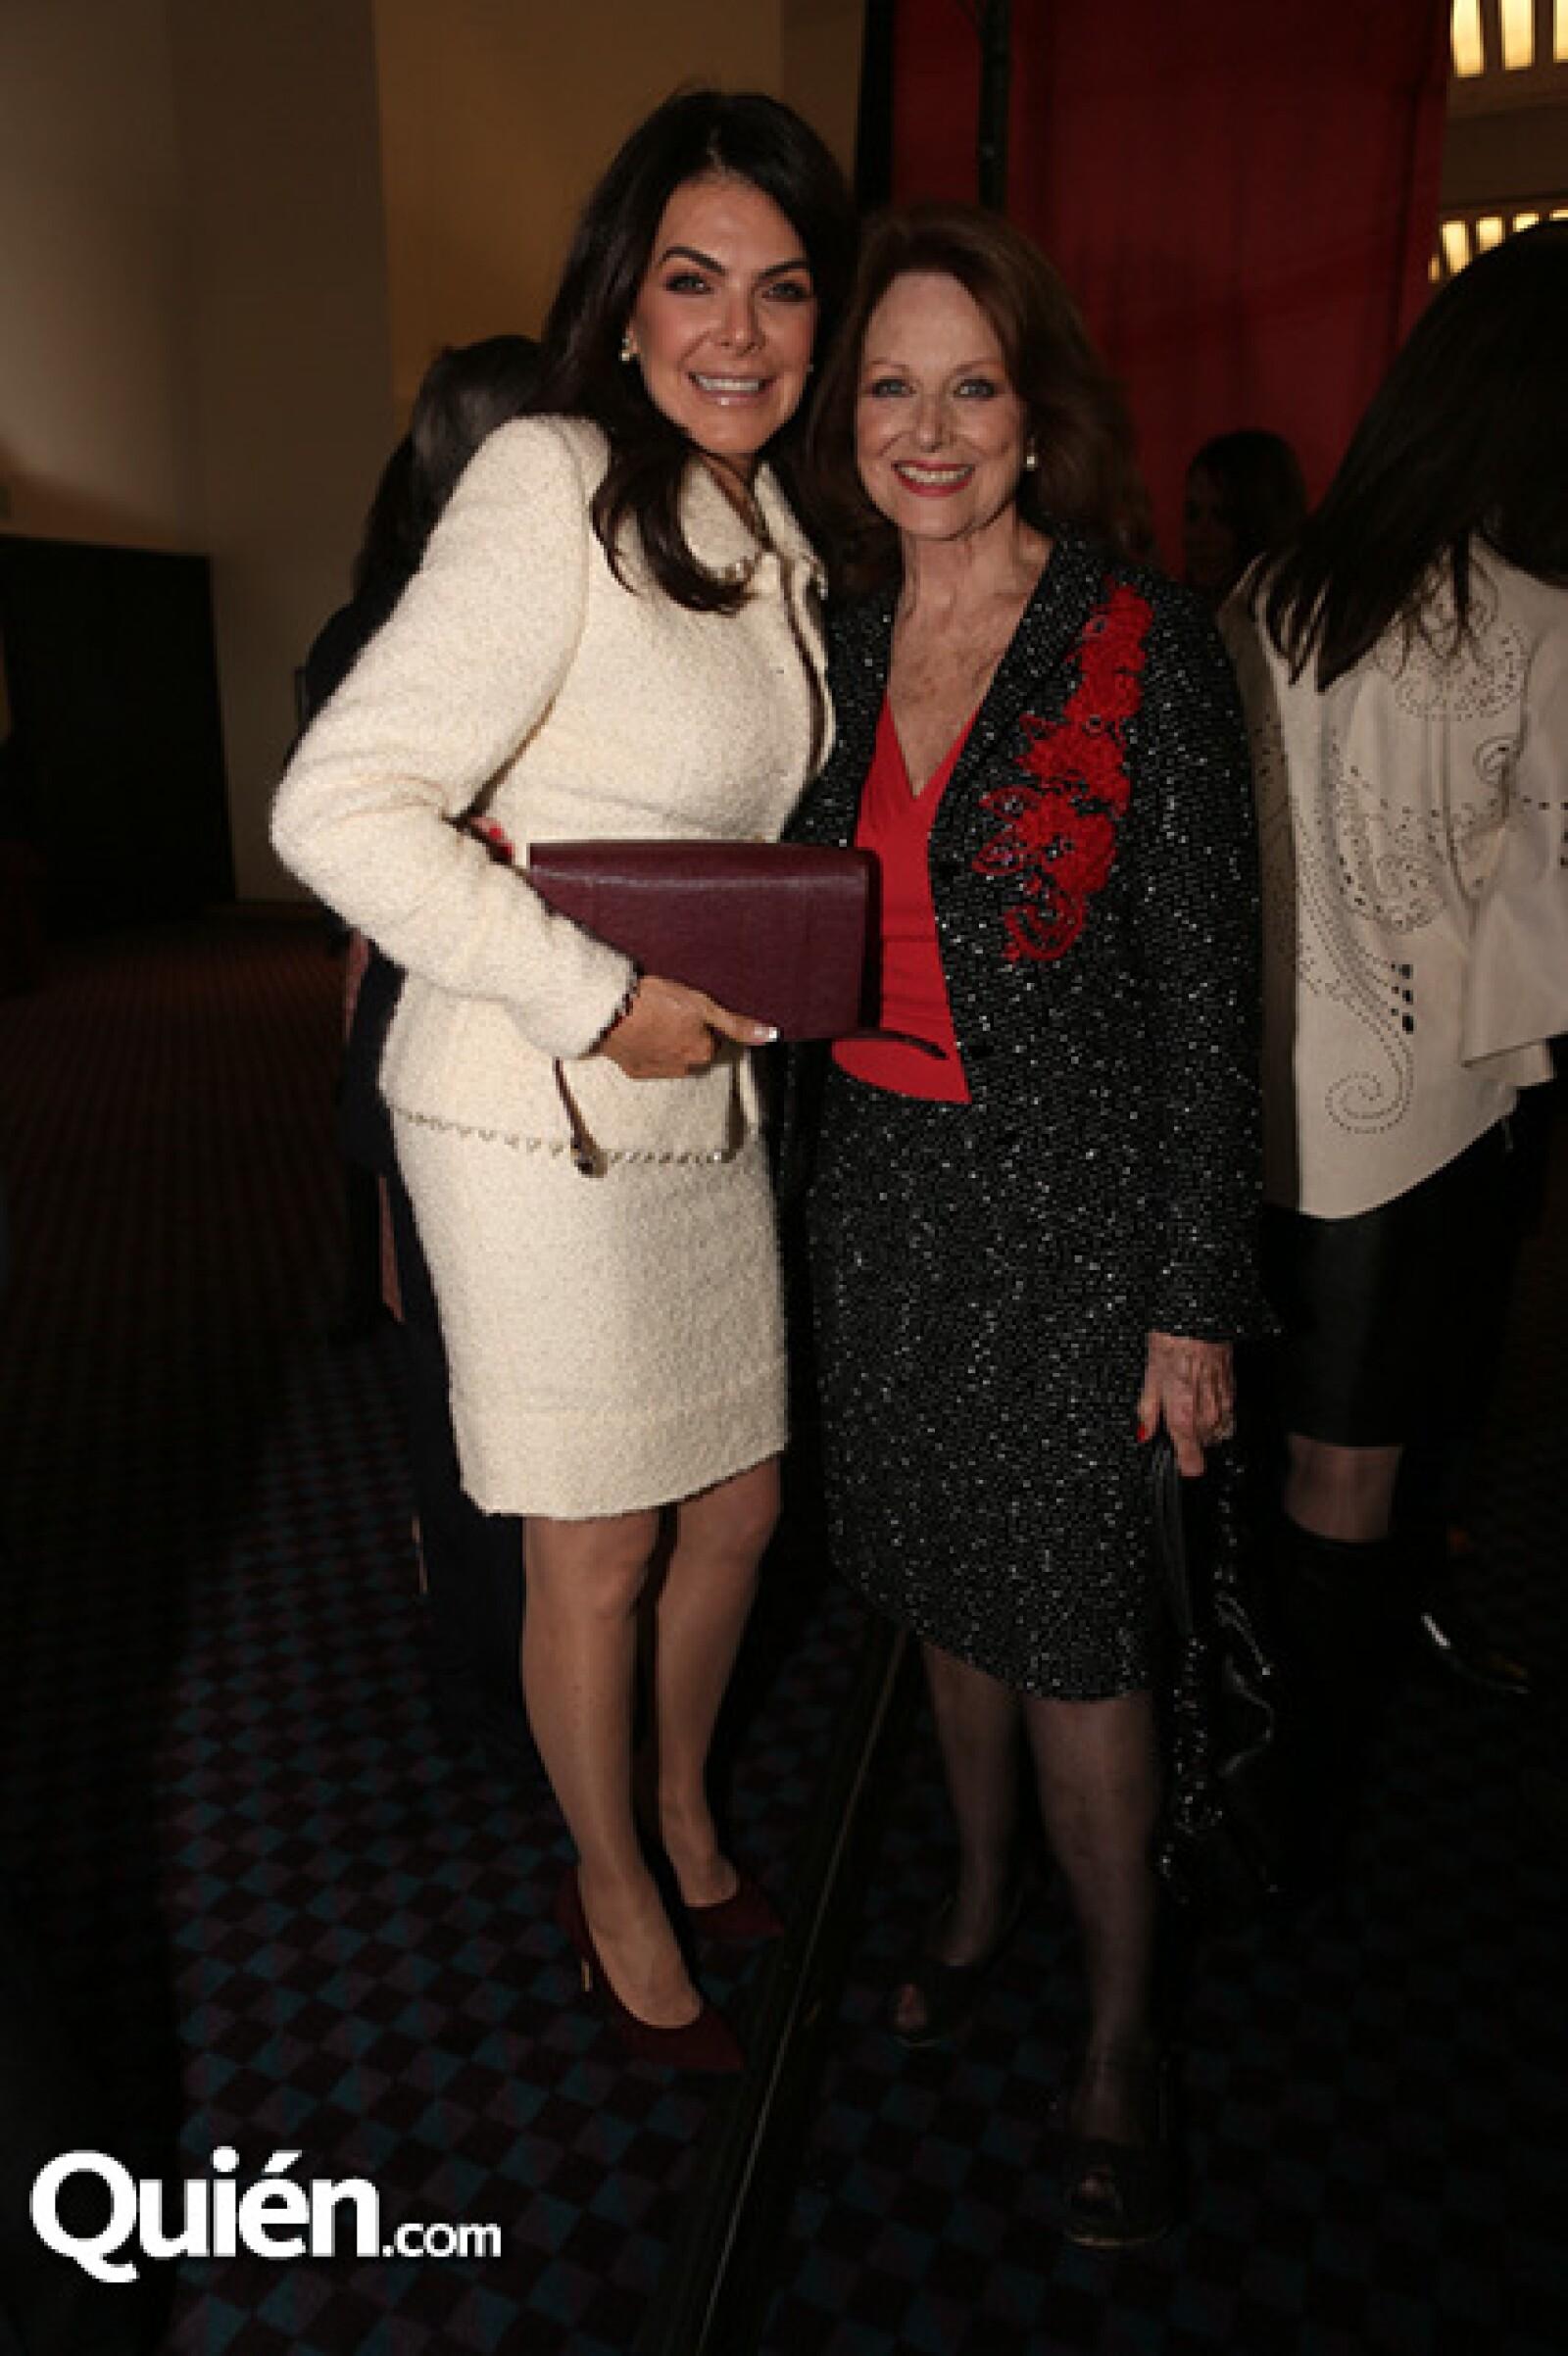 Siempre elegante y ad hoc para cualquier evento que asiste, Mariana Tort en la celebración de los 105 años de la Cruz Roja Mexicana.